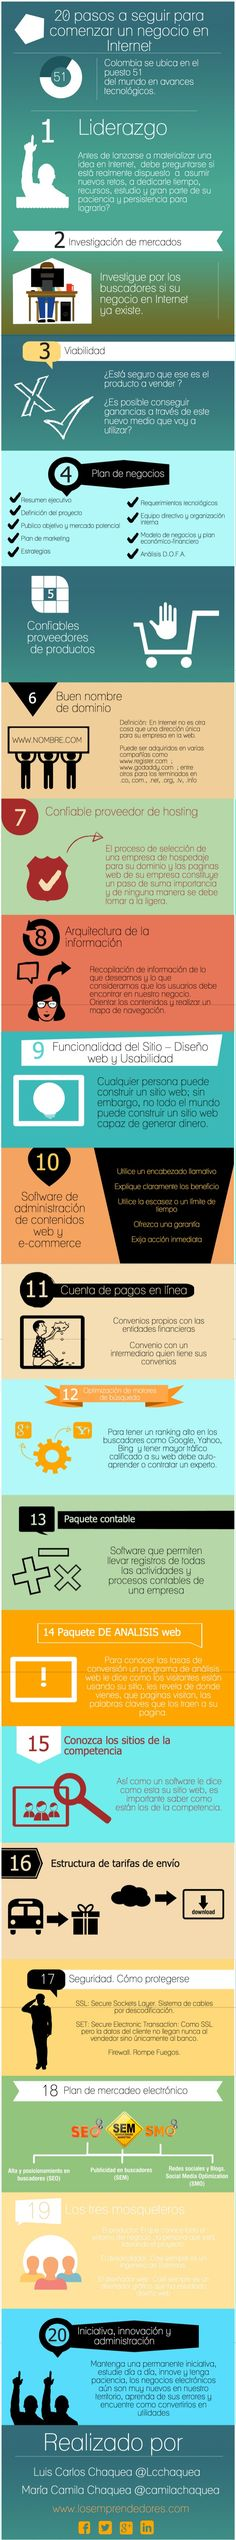 20 pasos a seguir para comenzar un negocio en Internet #infografia #infographic #entrepreneurship Ideas Negocios Online para www.masymejor.com